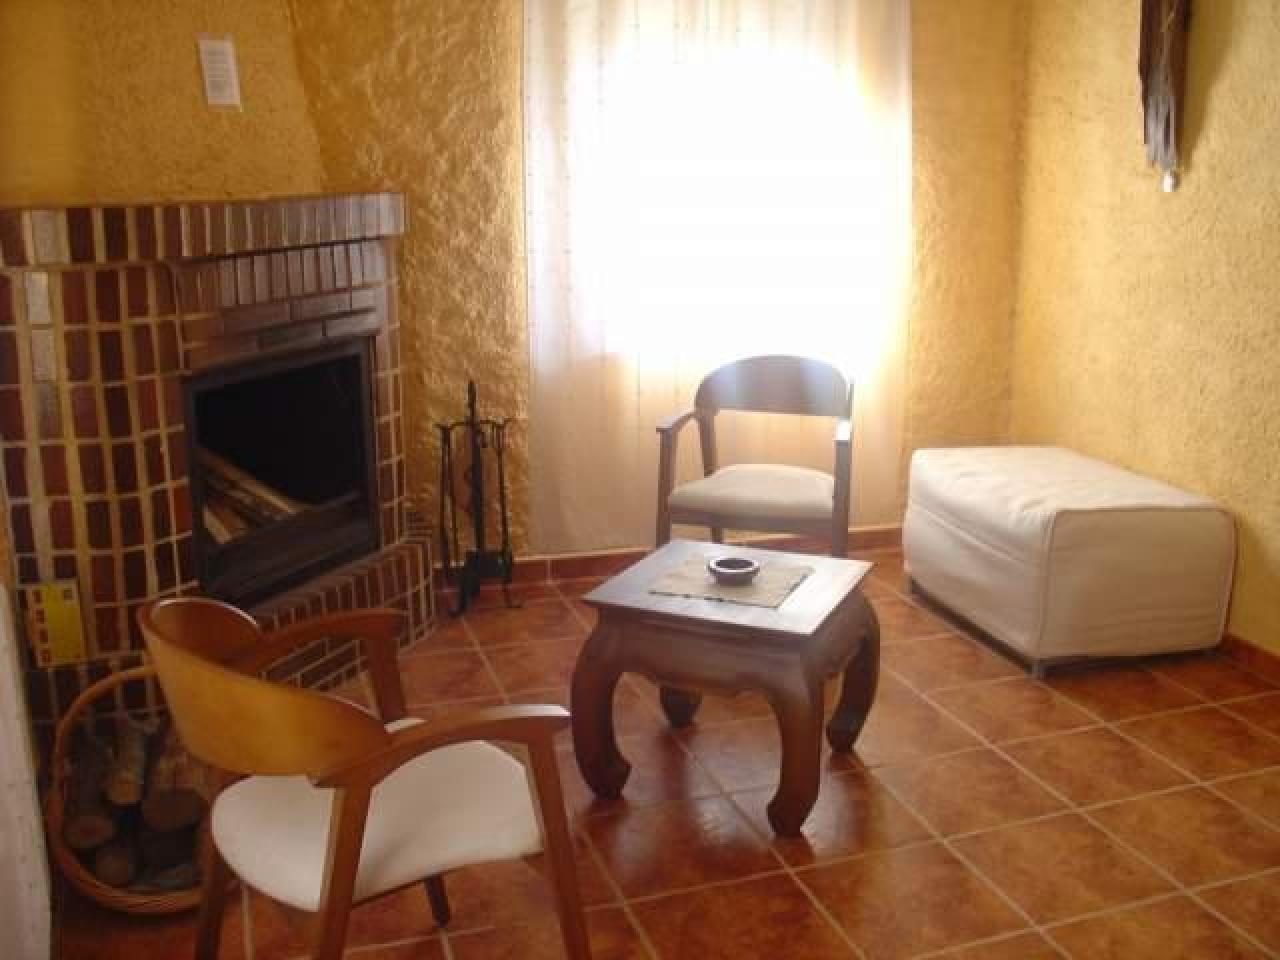 Apartamentos en alquiler Pardesivil, León